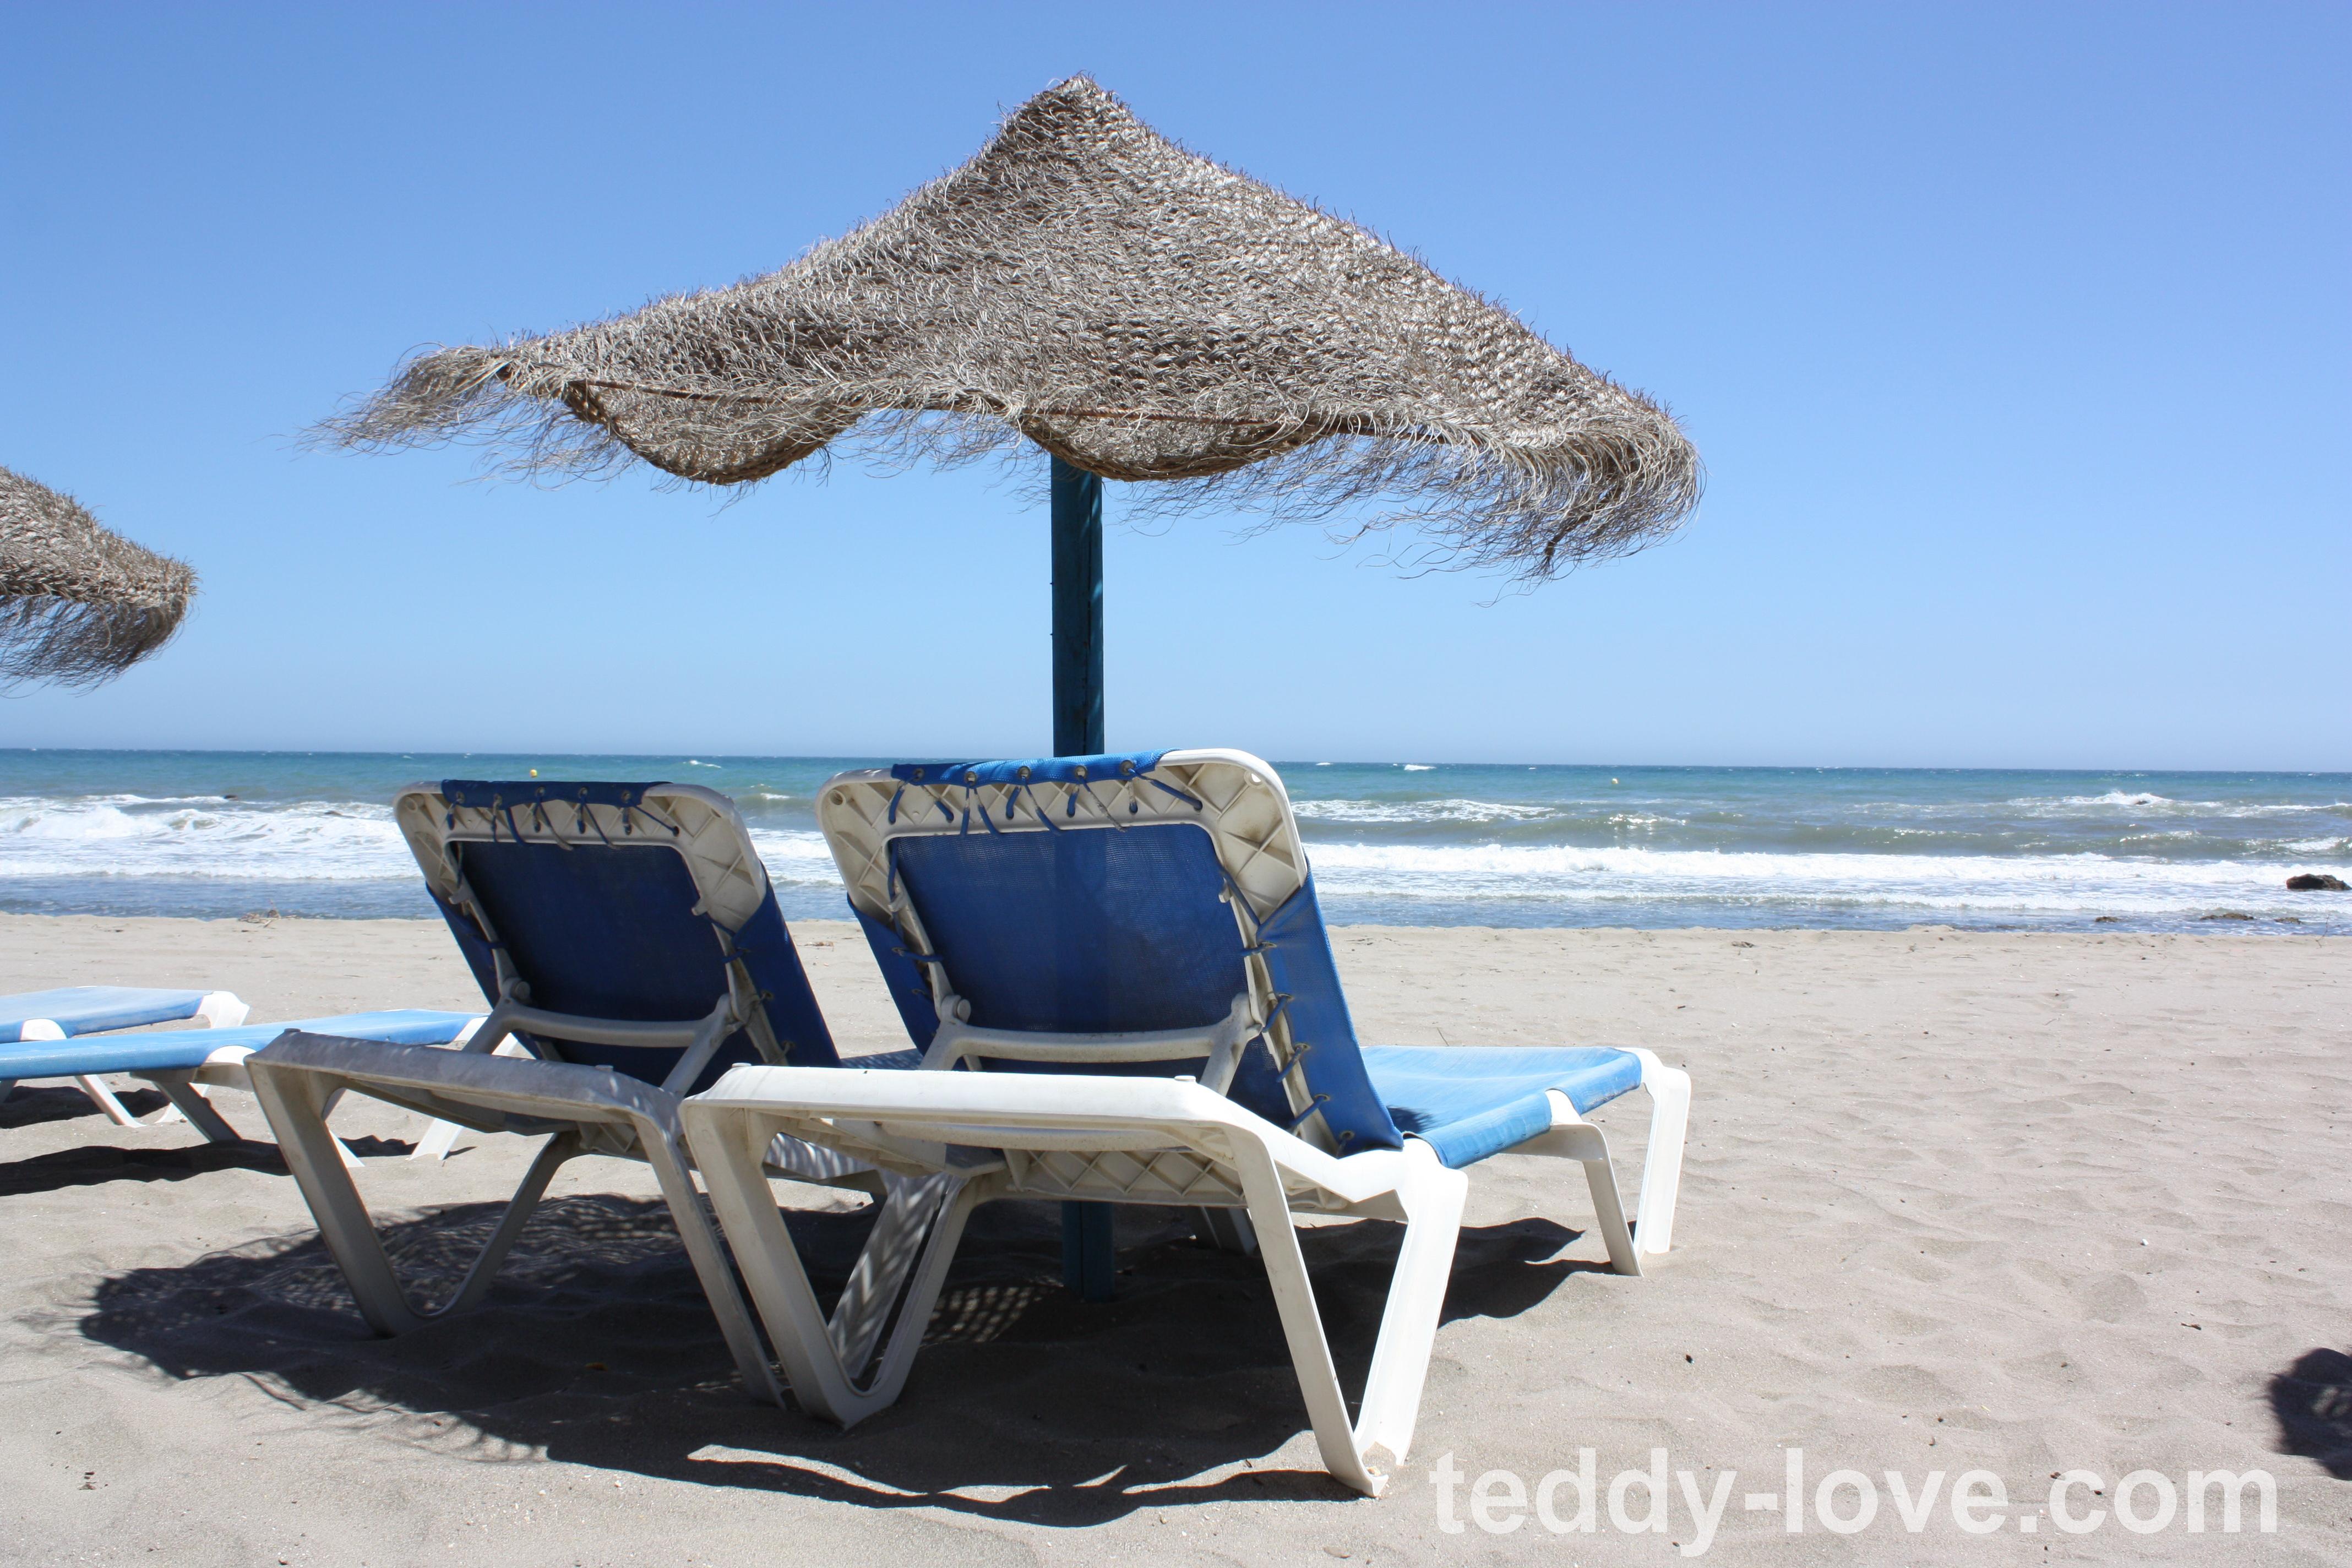 Такой пляж был рядом с нами. При покупке сока или чего-либо в кафе - лежаки бесплатно. Впрочем, мы купили себе зонтики, покрывала и загорали в основном просто на песке